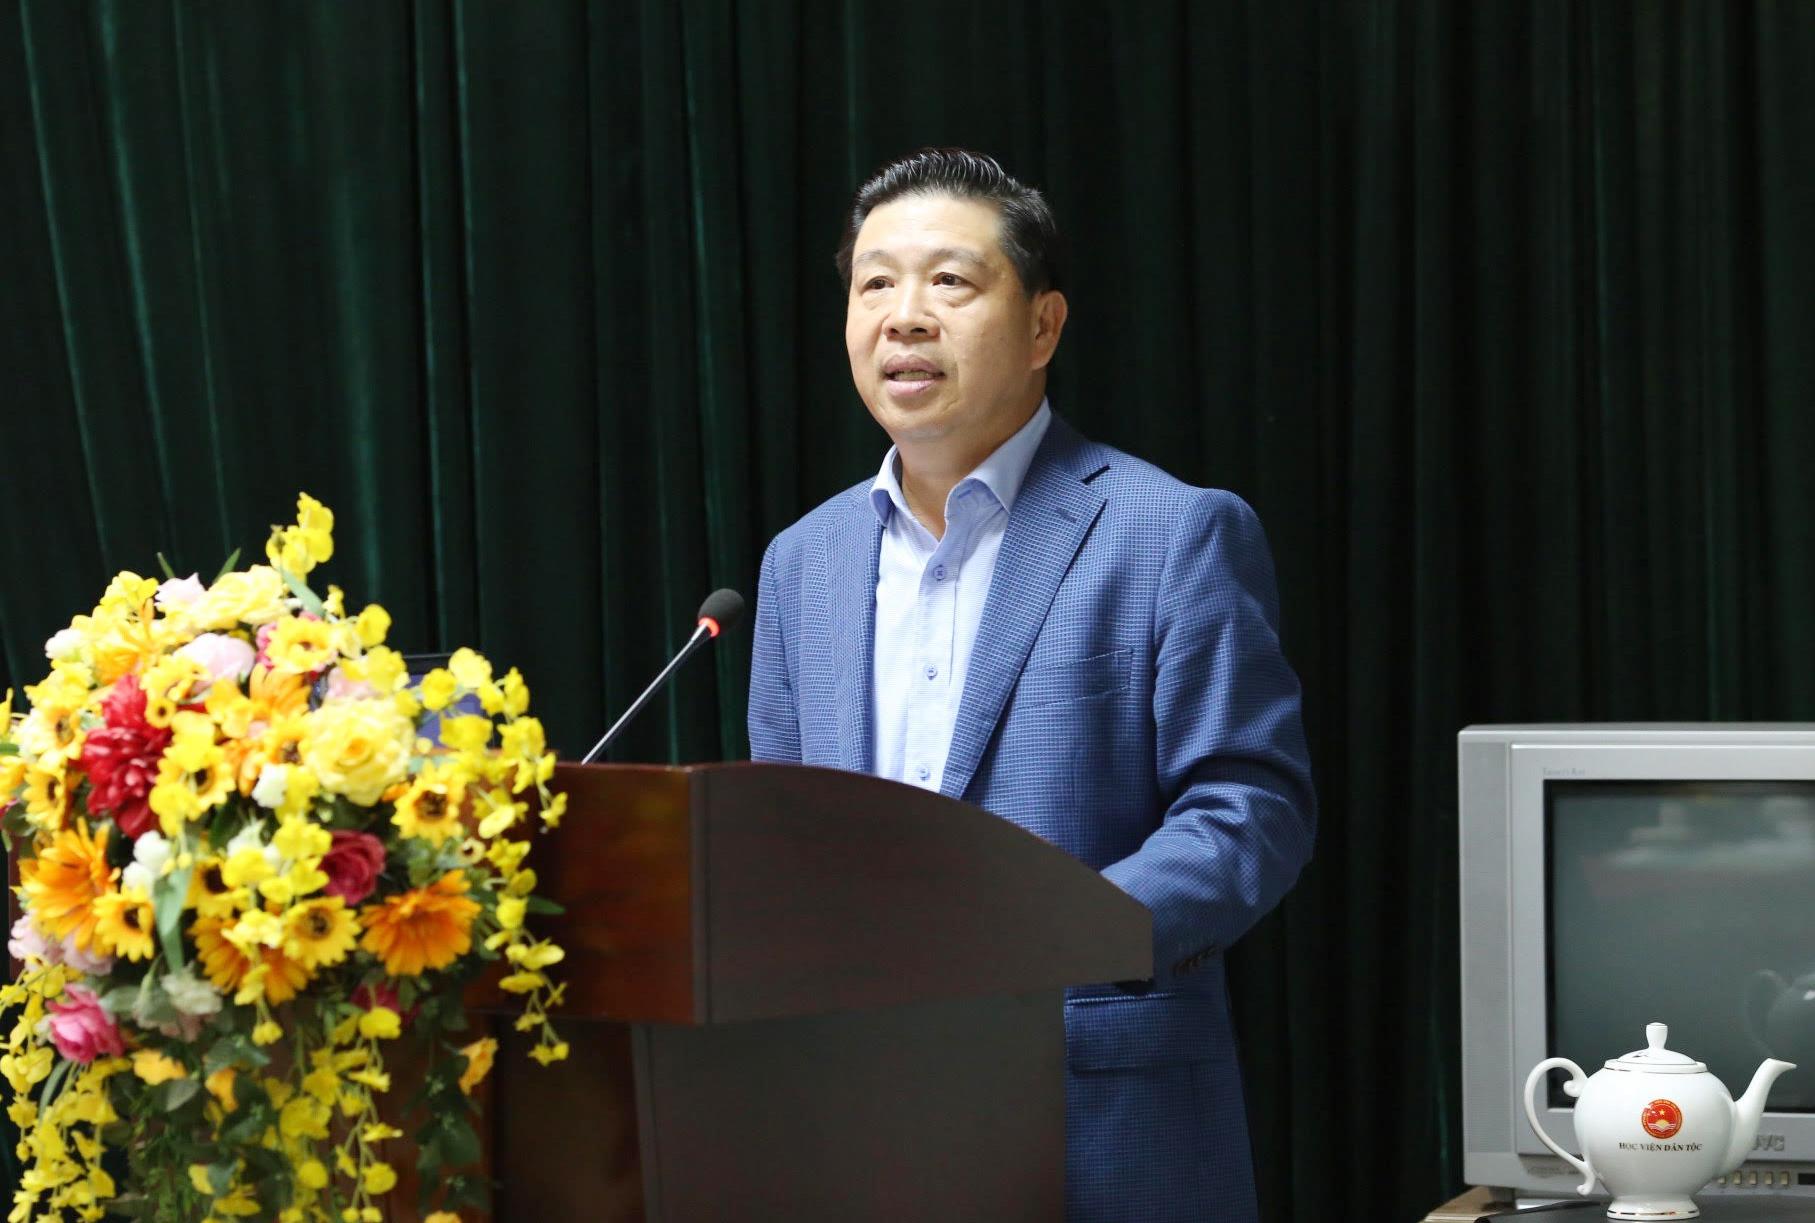 Thứ trưởng, Phó Chủ nhiệm UBDT Lê Sơn Hải phát biểu chỉ đạo Hội nghị